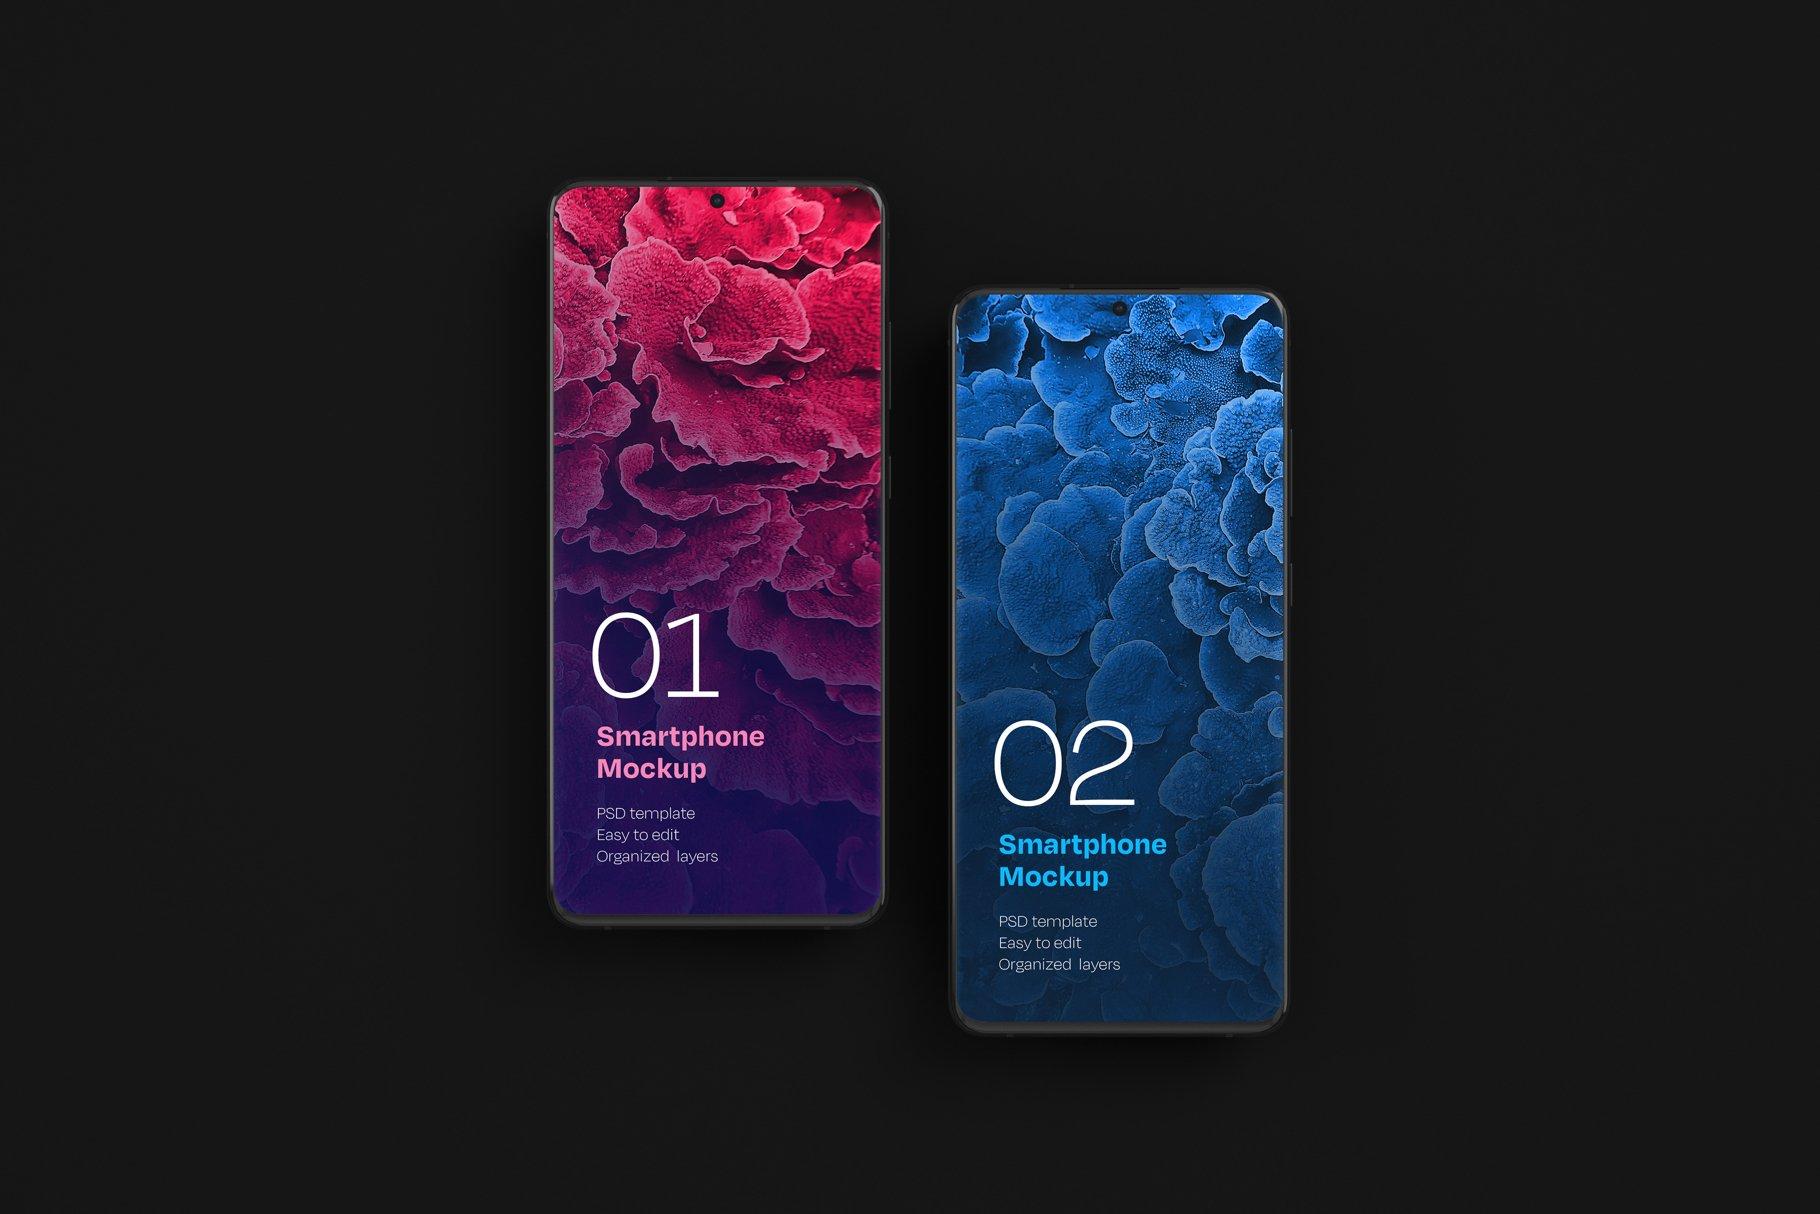 16款应用APP设计三星Galaxy S20手机屏幕演示样机 Galaxy S20 Ultra Device Mockup插图(6)